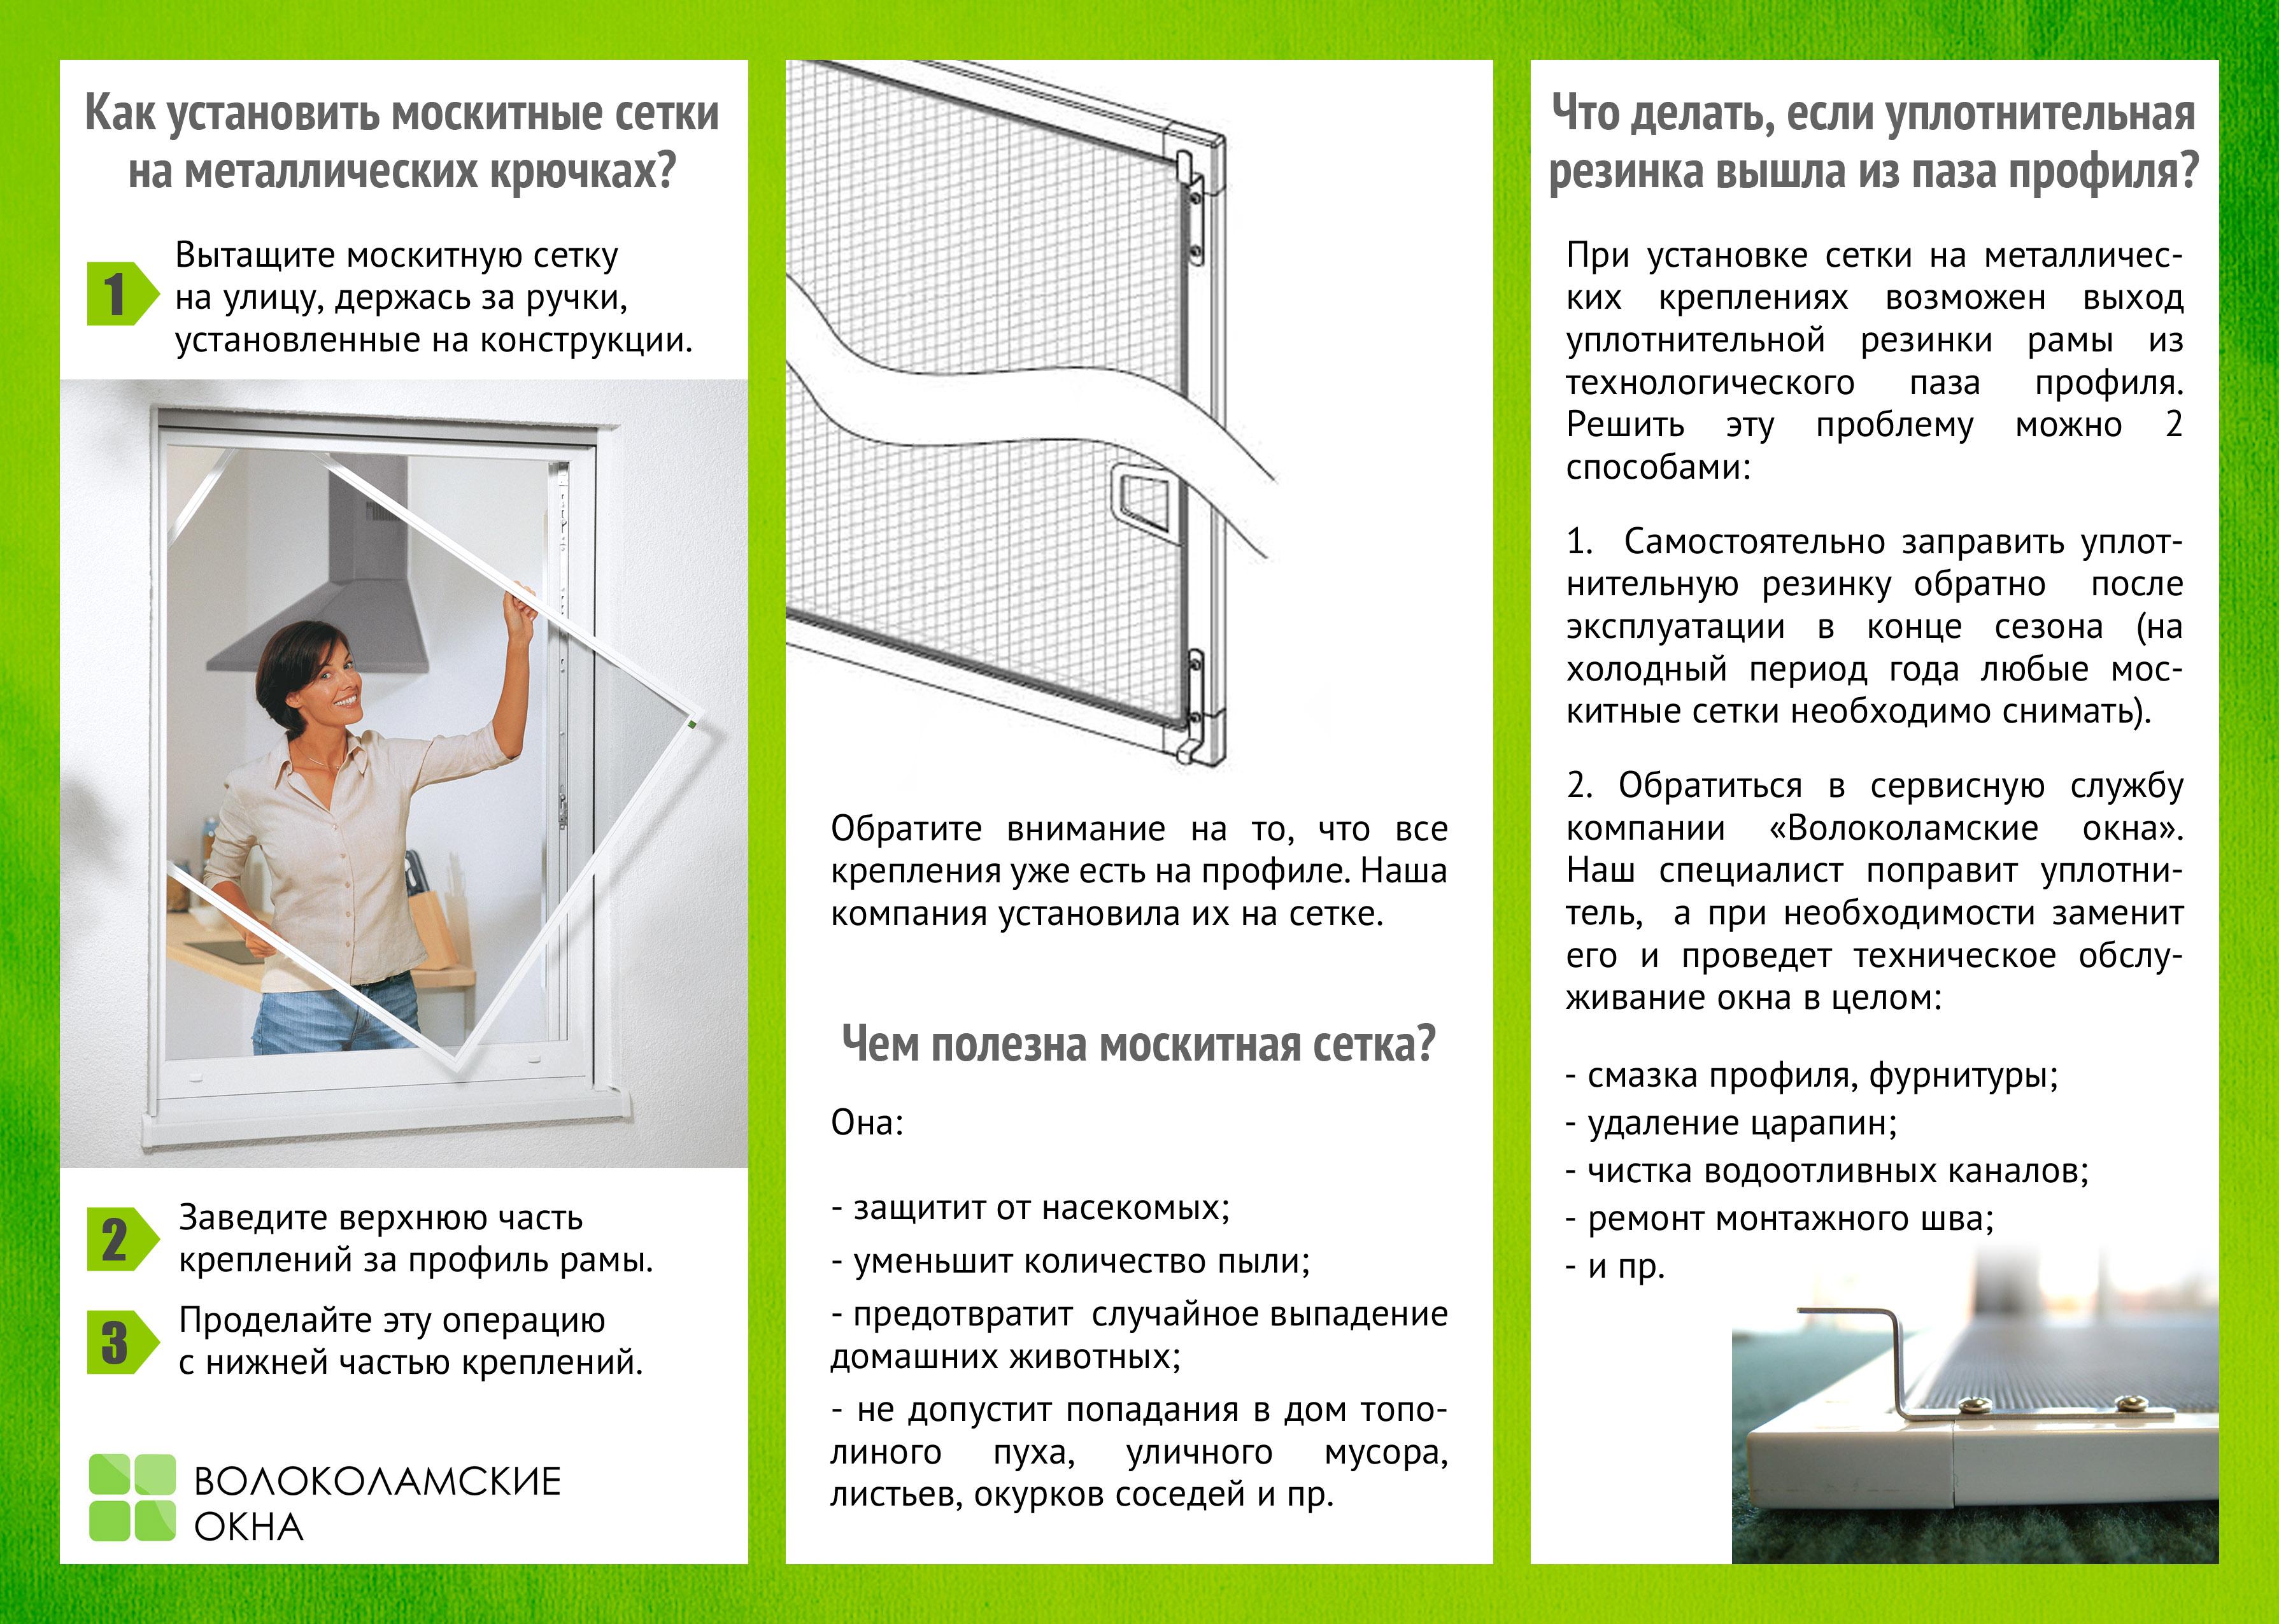 Инструкция по установке москитной сетки на дверь своими руками